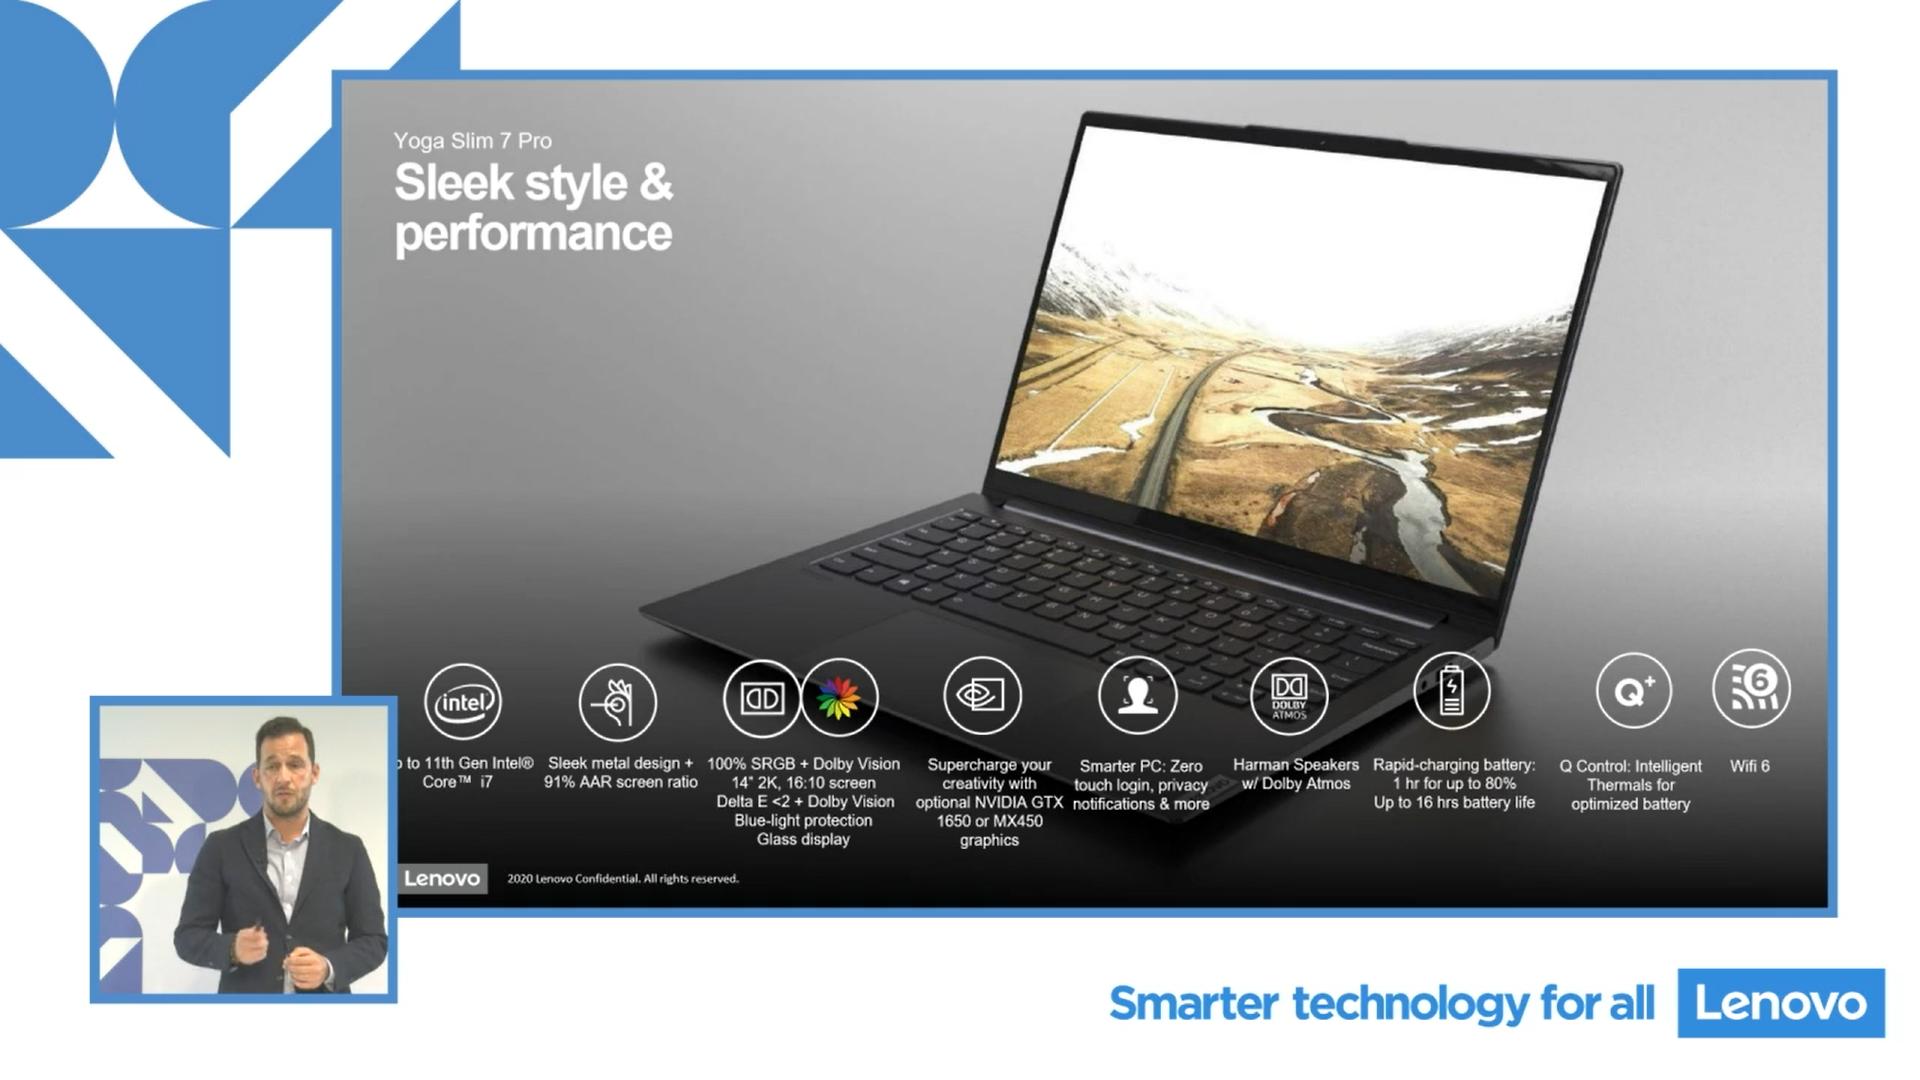 Lenovo leak img 3